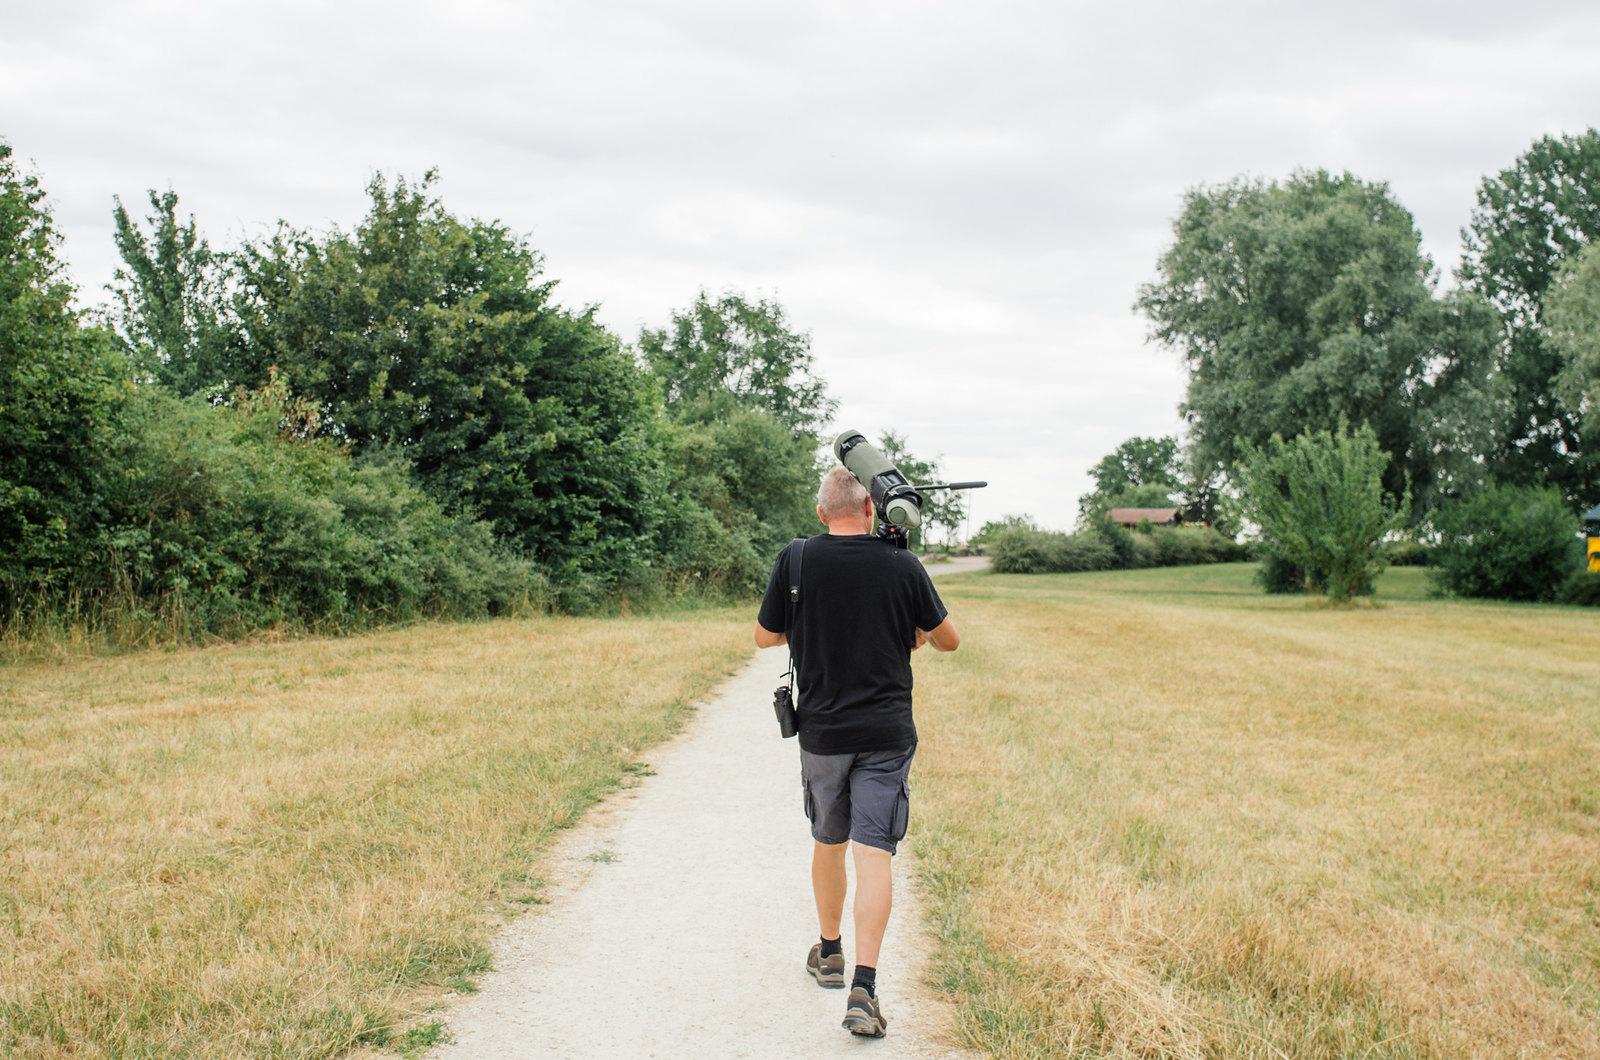 Tourisme vert en Haute-Marne - Coup de chaud au paradis - À la chasse aux oiseaux